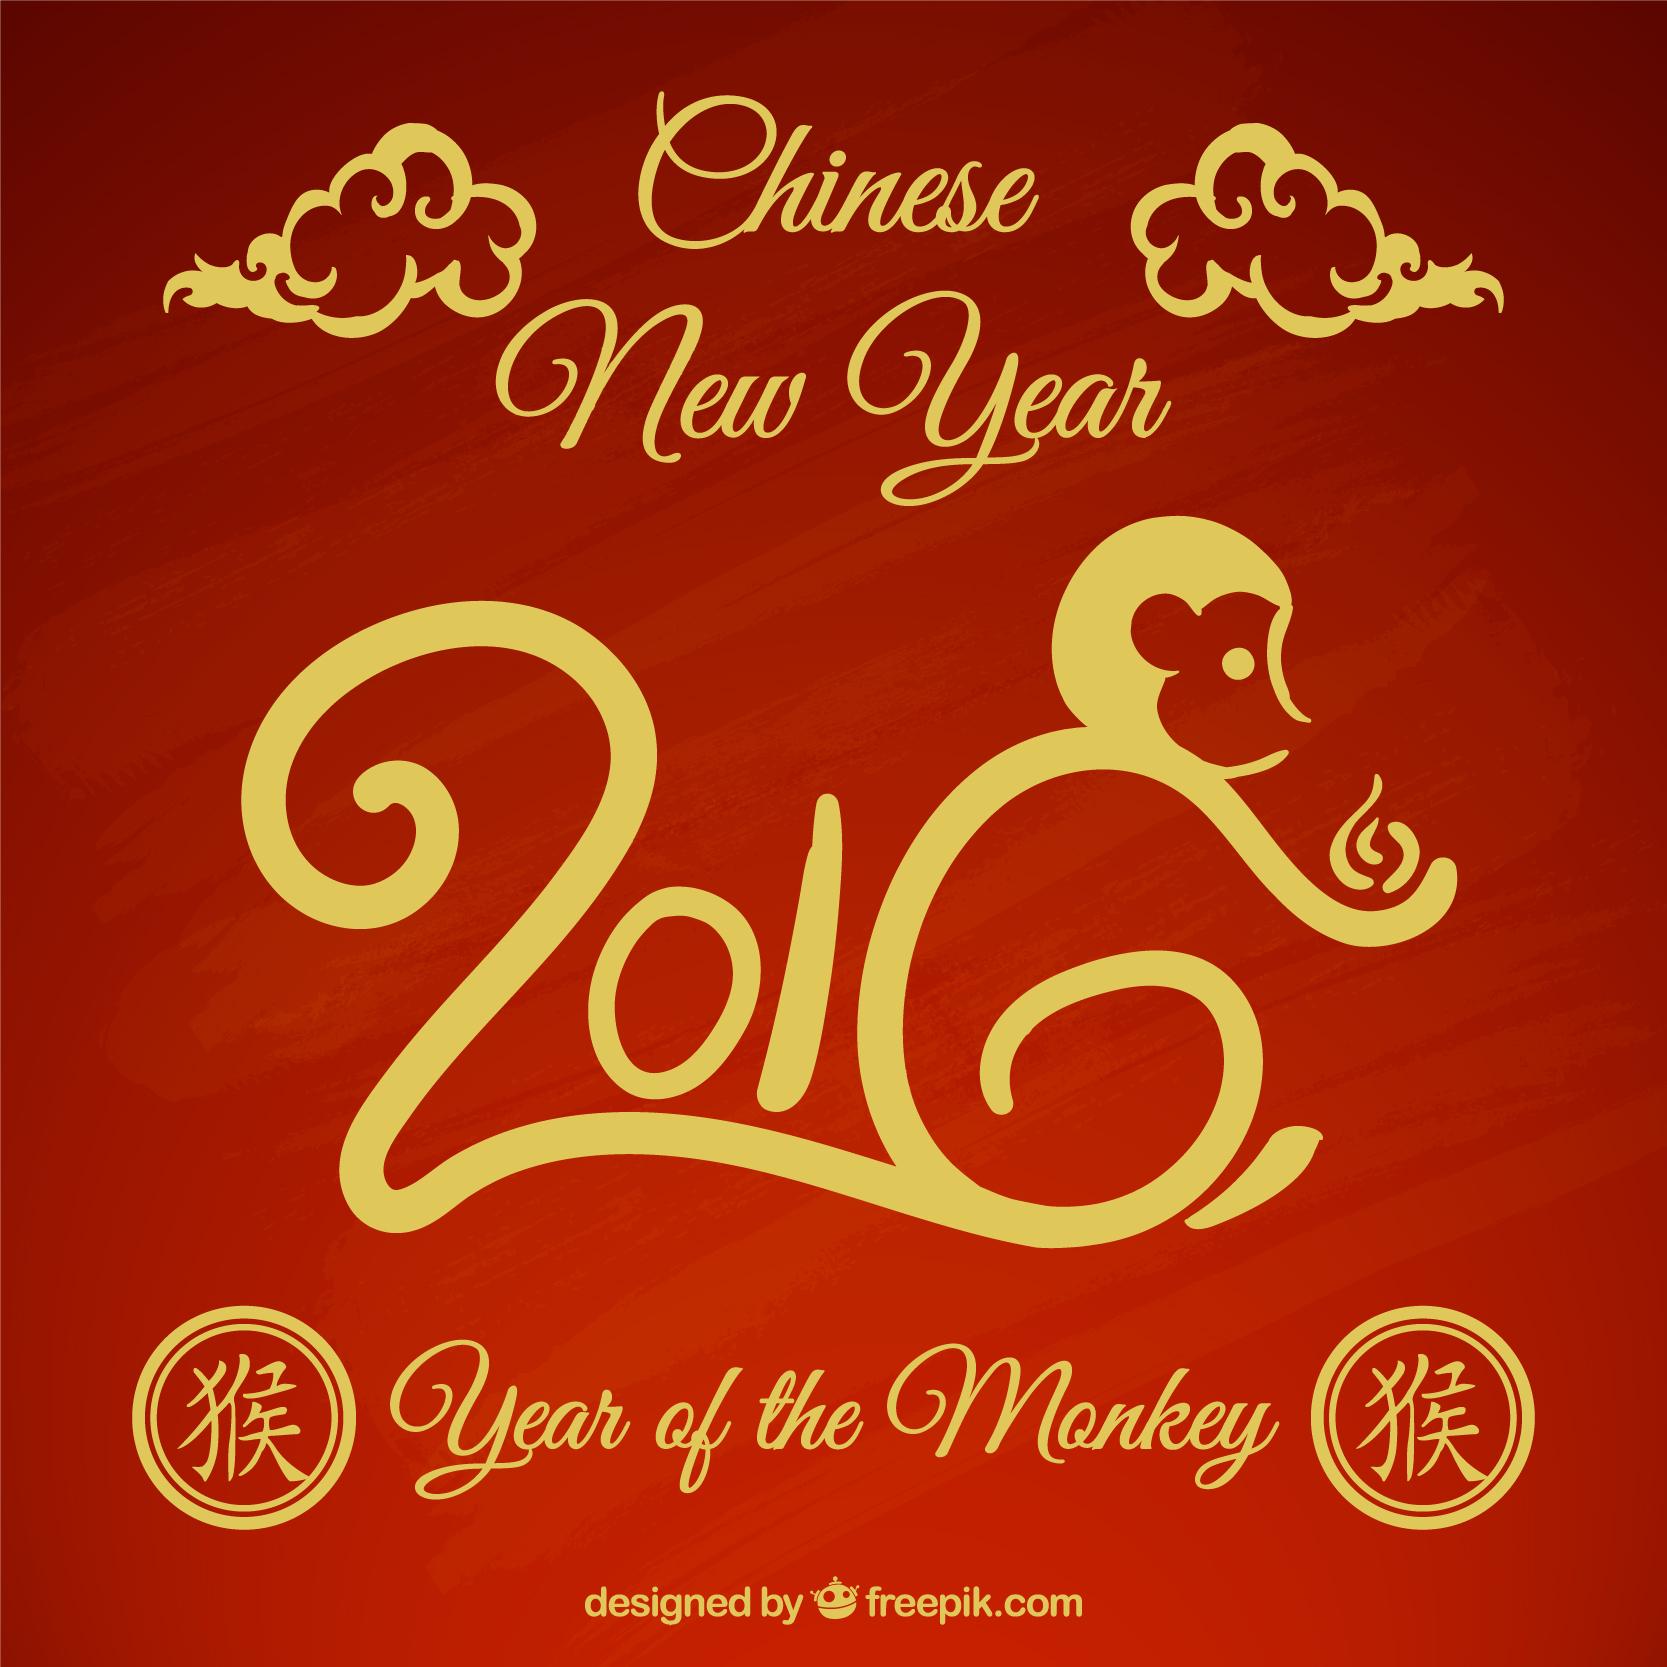 Großzügig Chinesisches Neues Jahr Malseite Affe Galerie ...